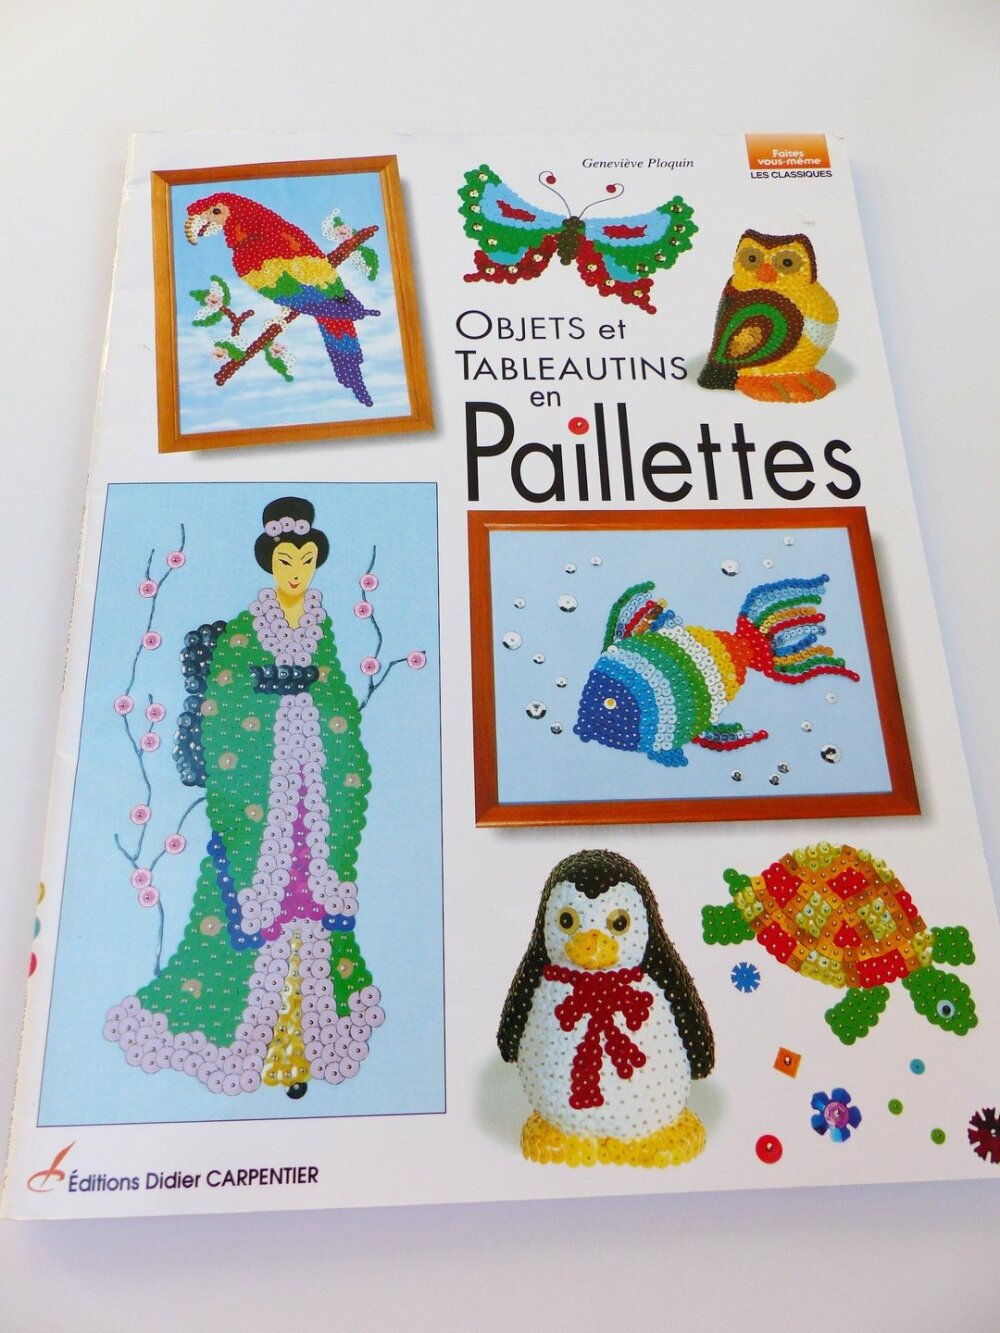 objet et tableautin en  paillette collées ou épinglés sur polystyrene